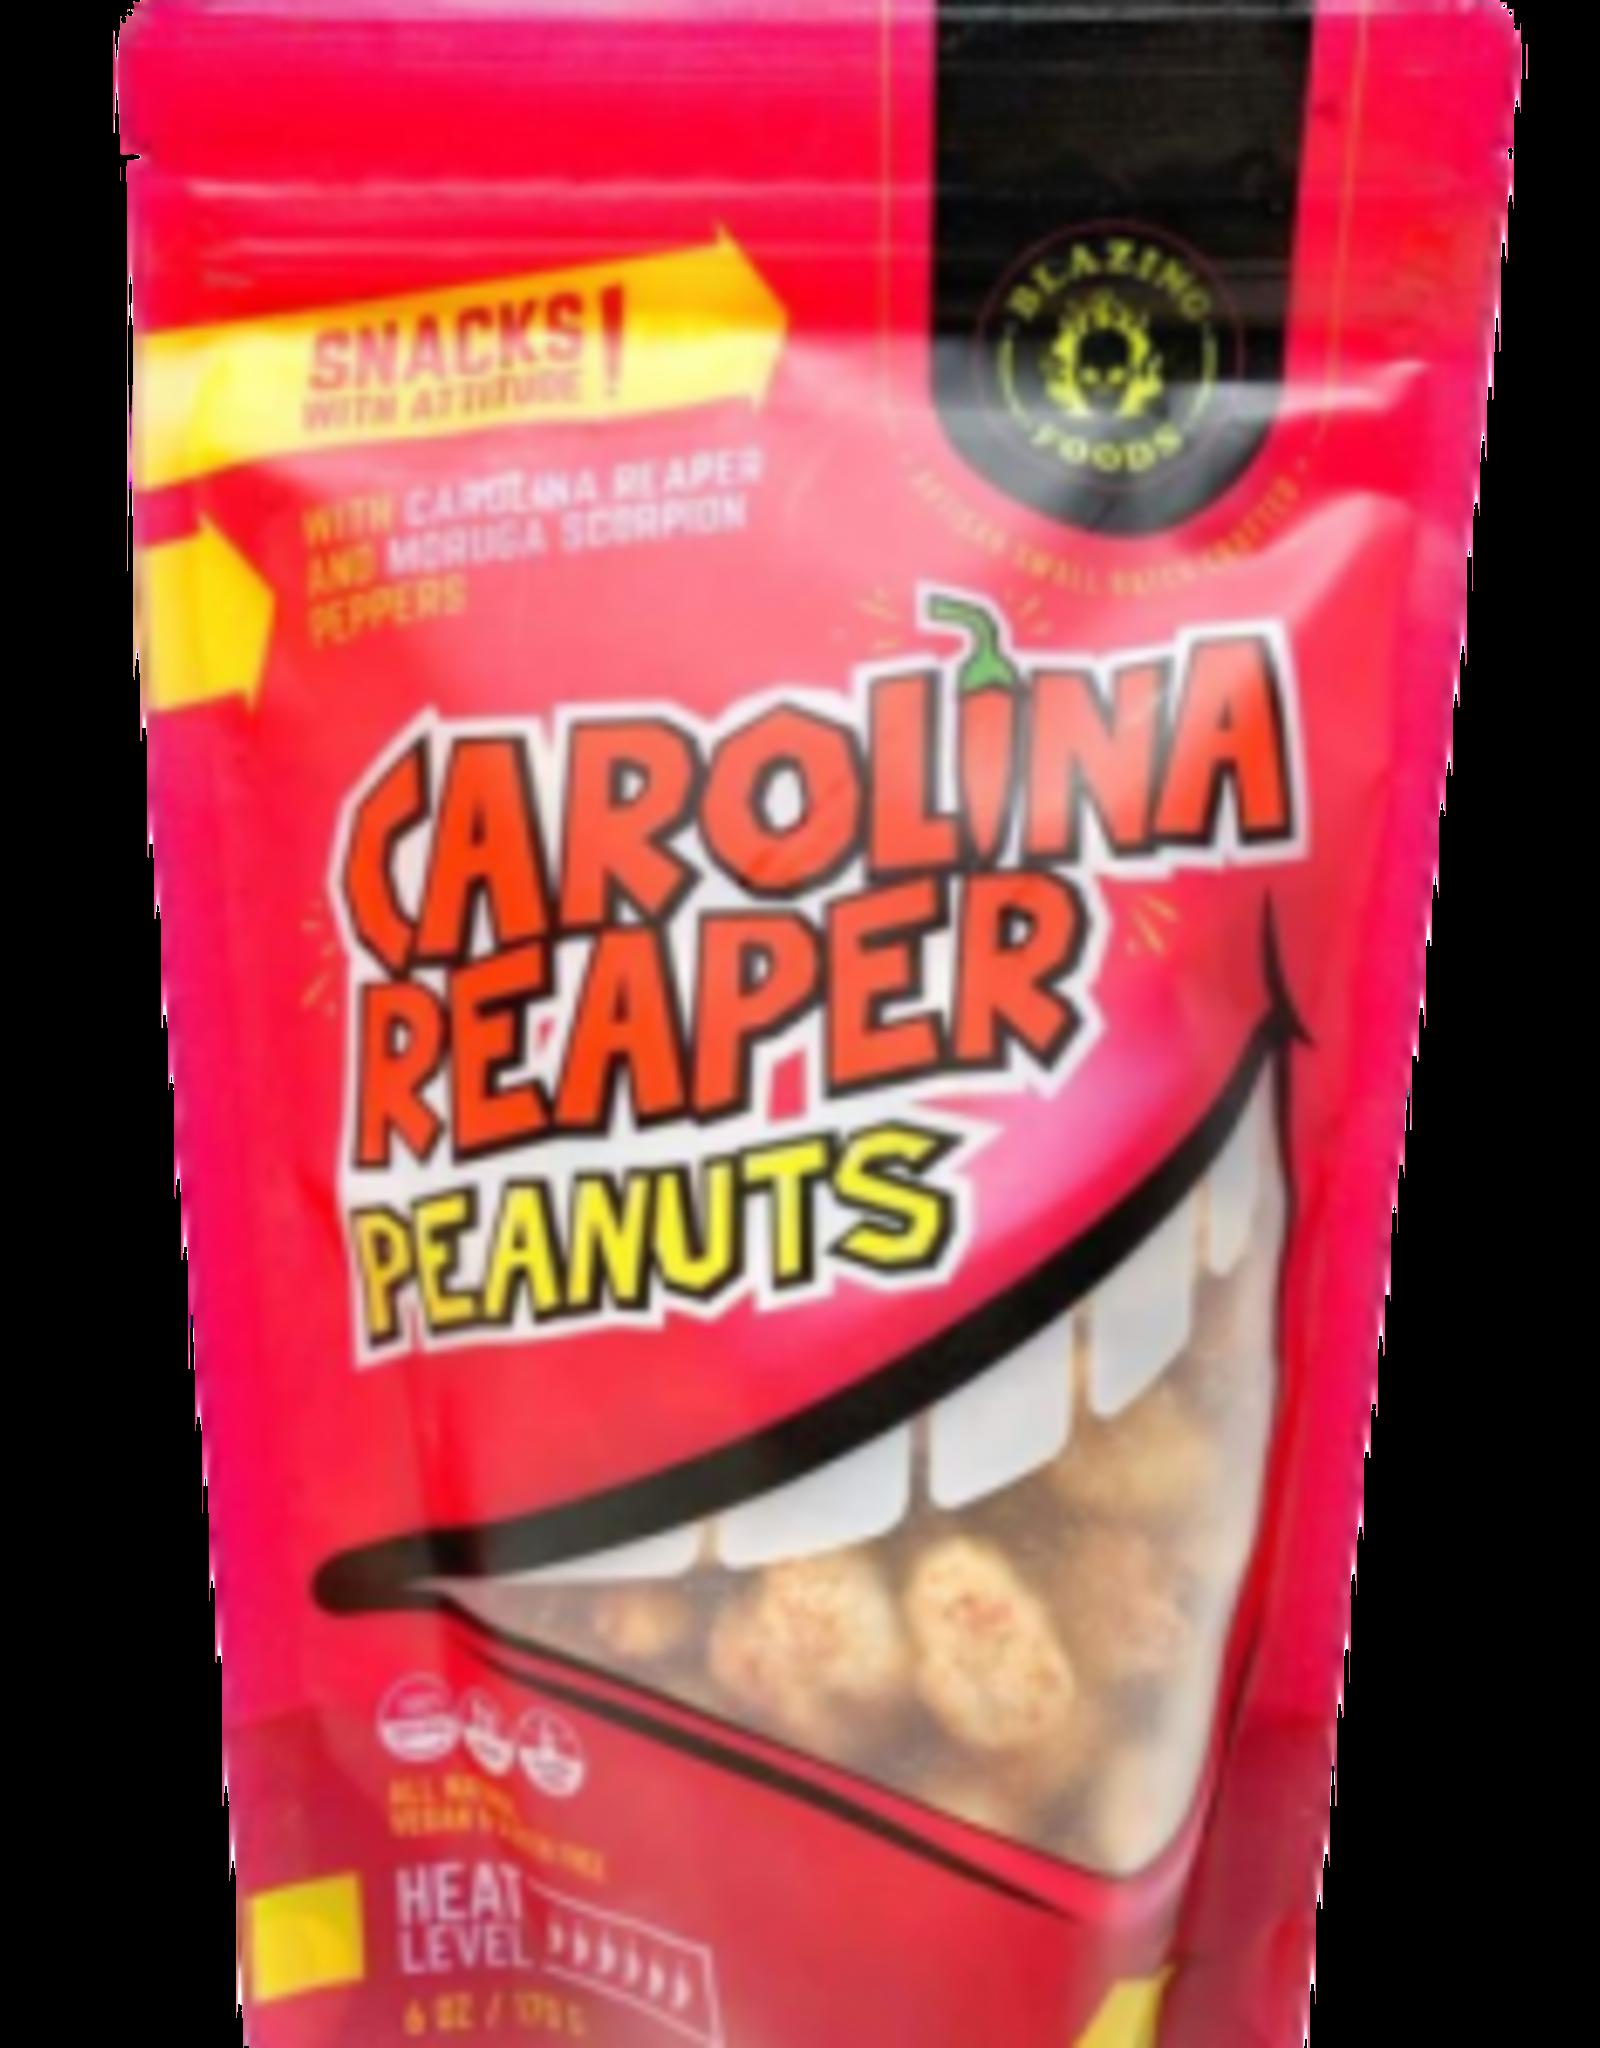 Blazing foods Peanuts Fort